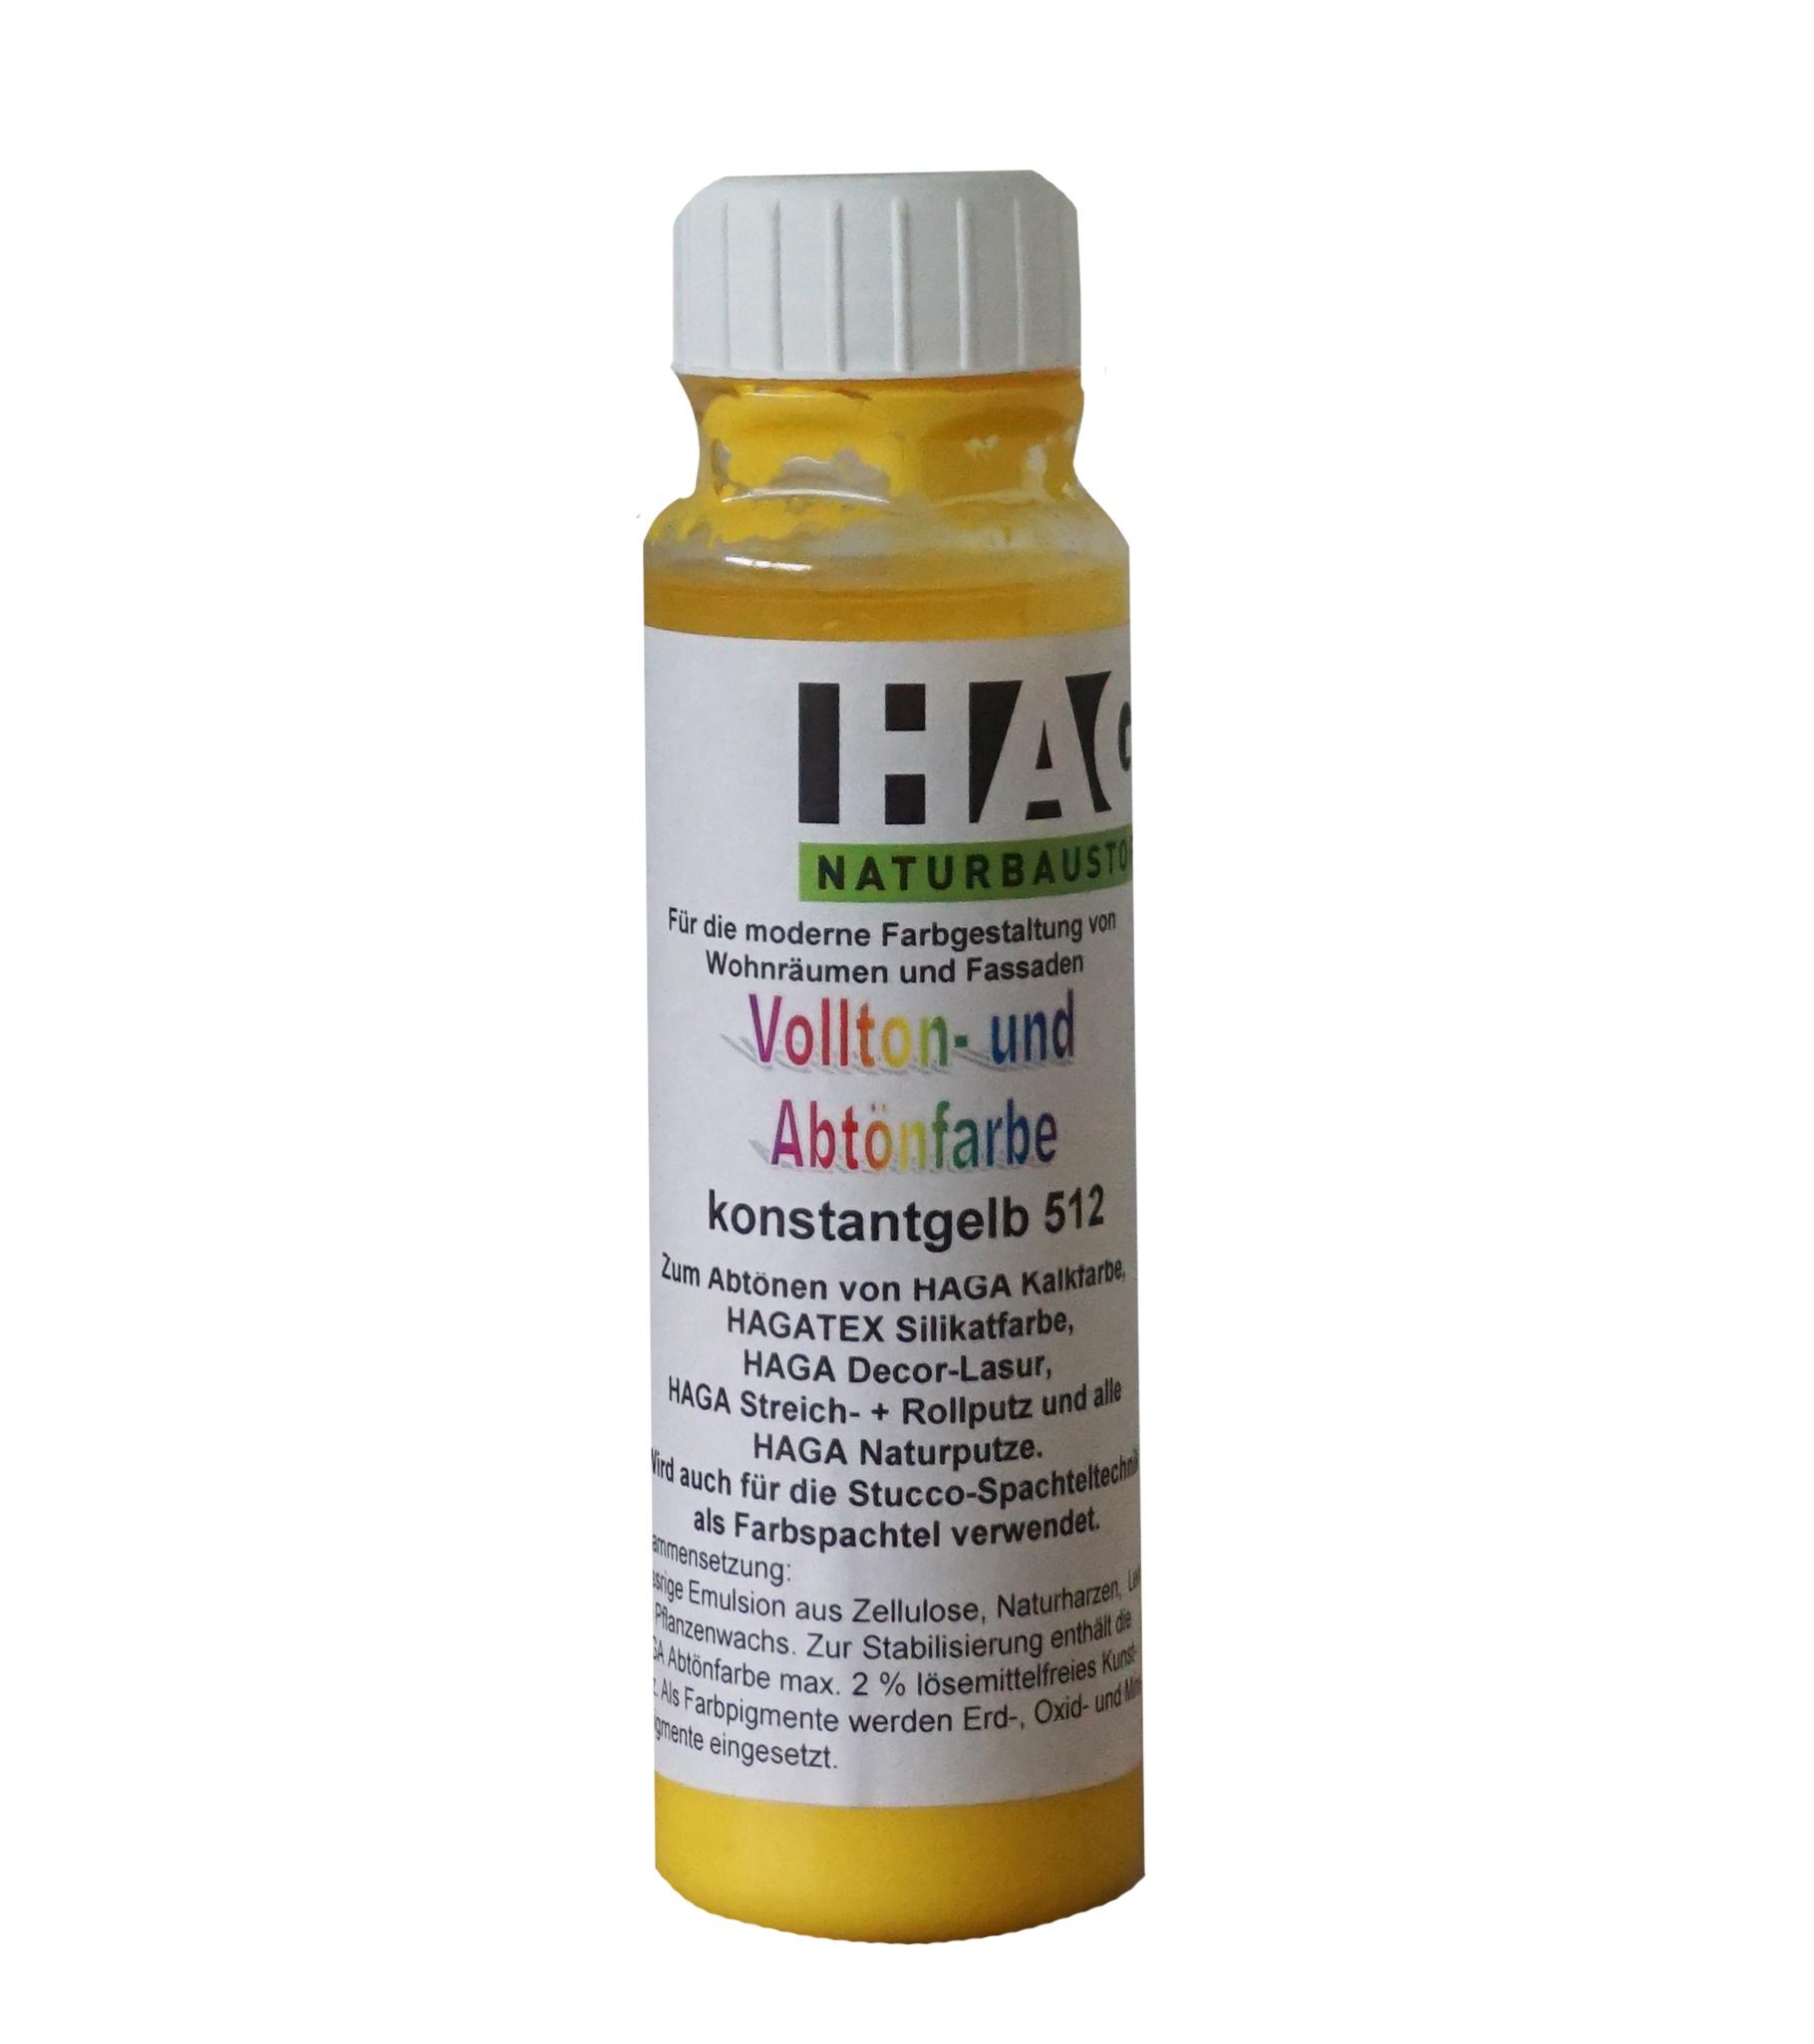 HAGA Vollton- & Abtönfarbe · konstantgelb 512